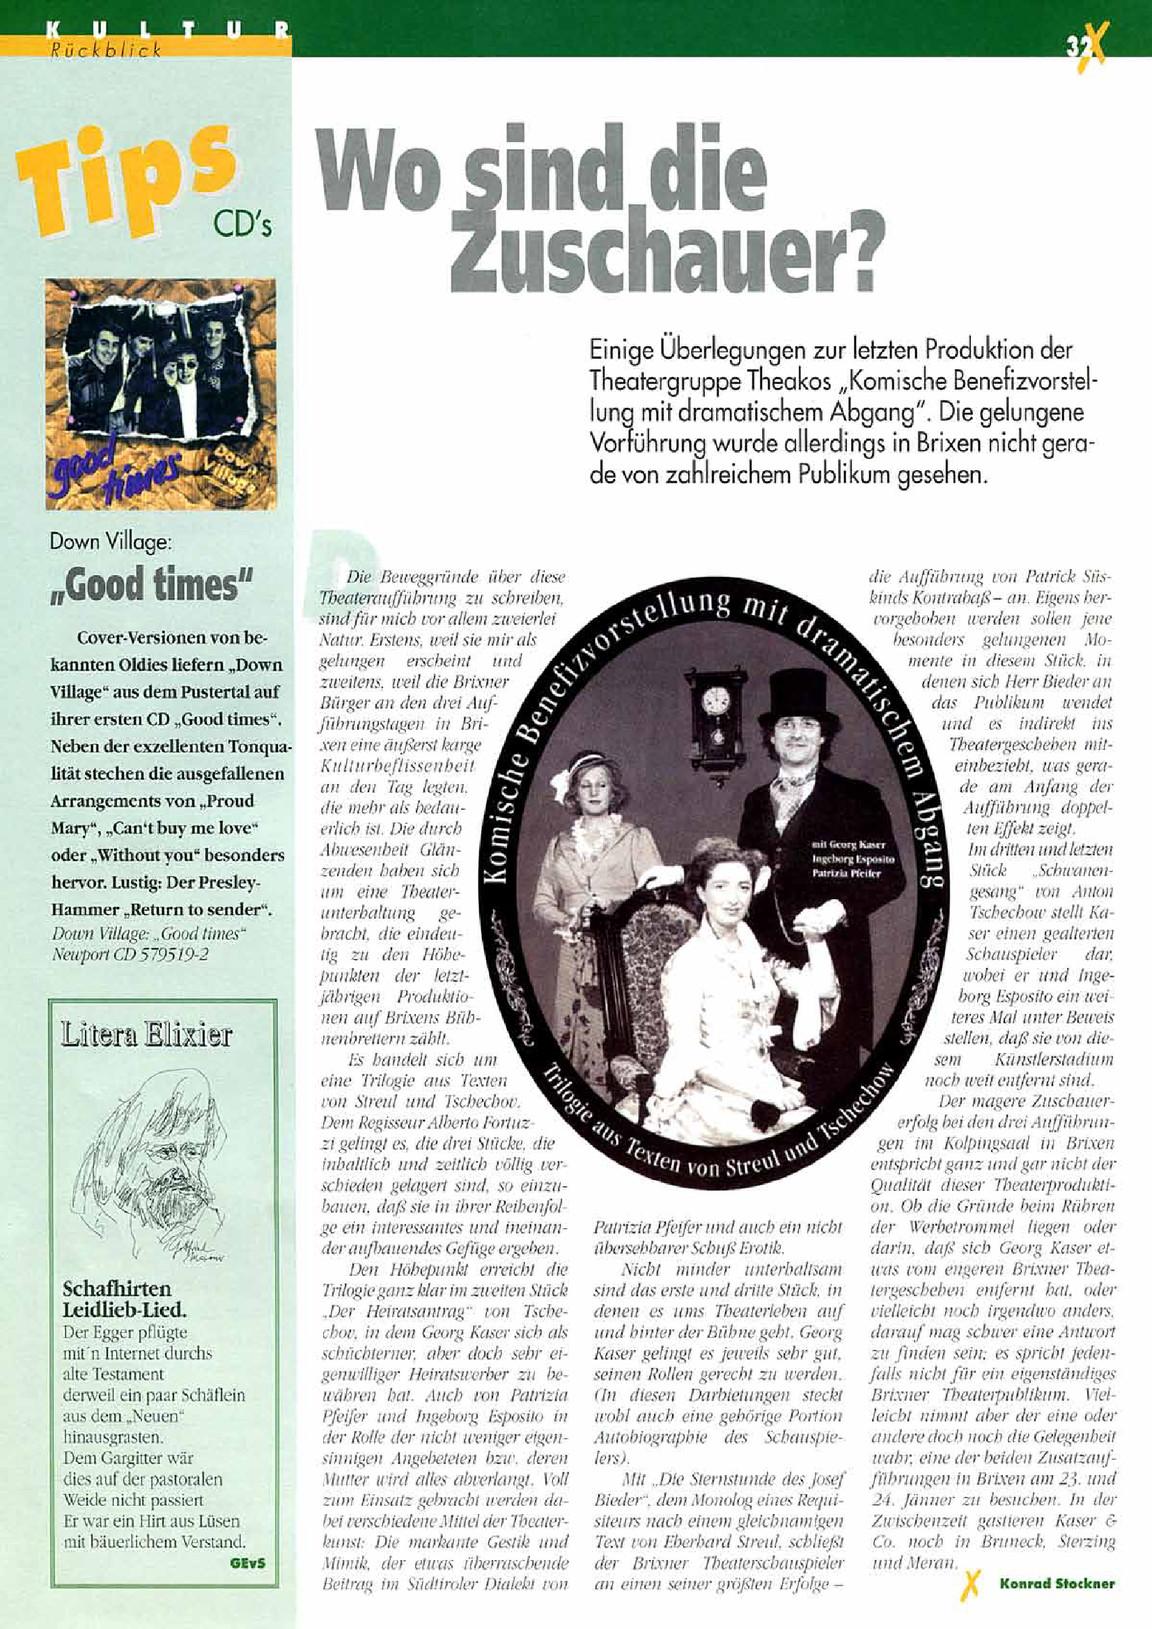 Brixner 072 Januar 1996 |